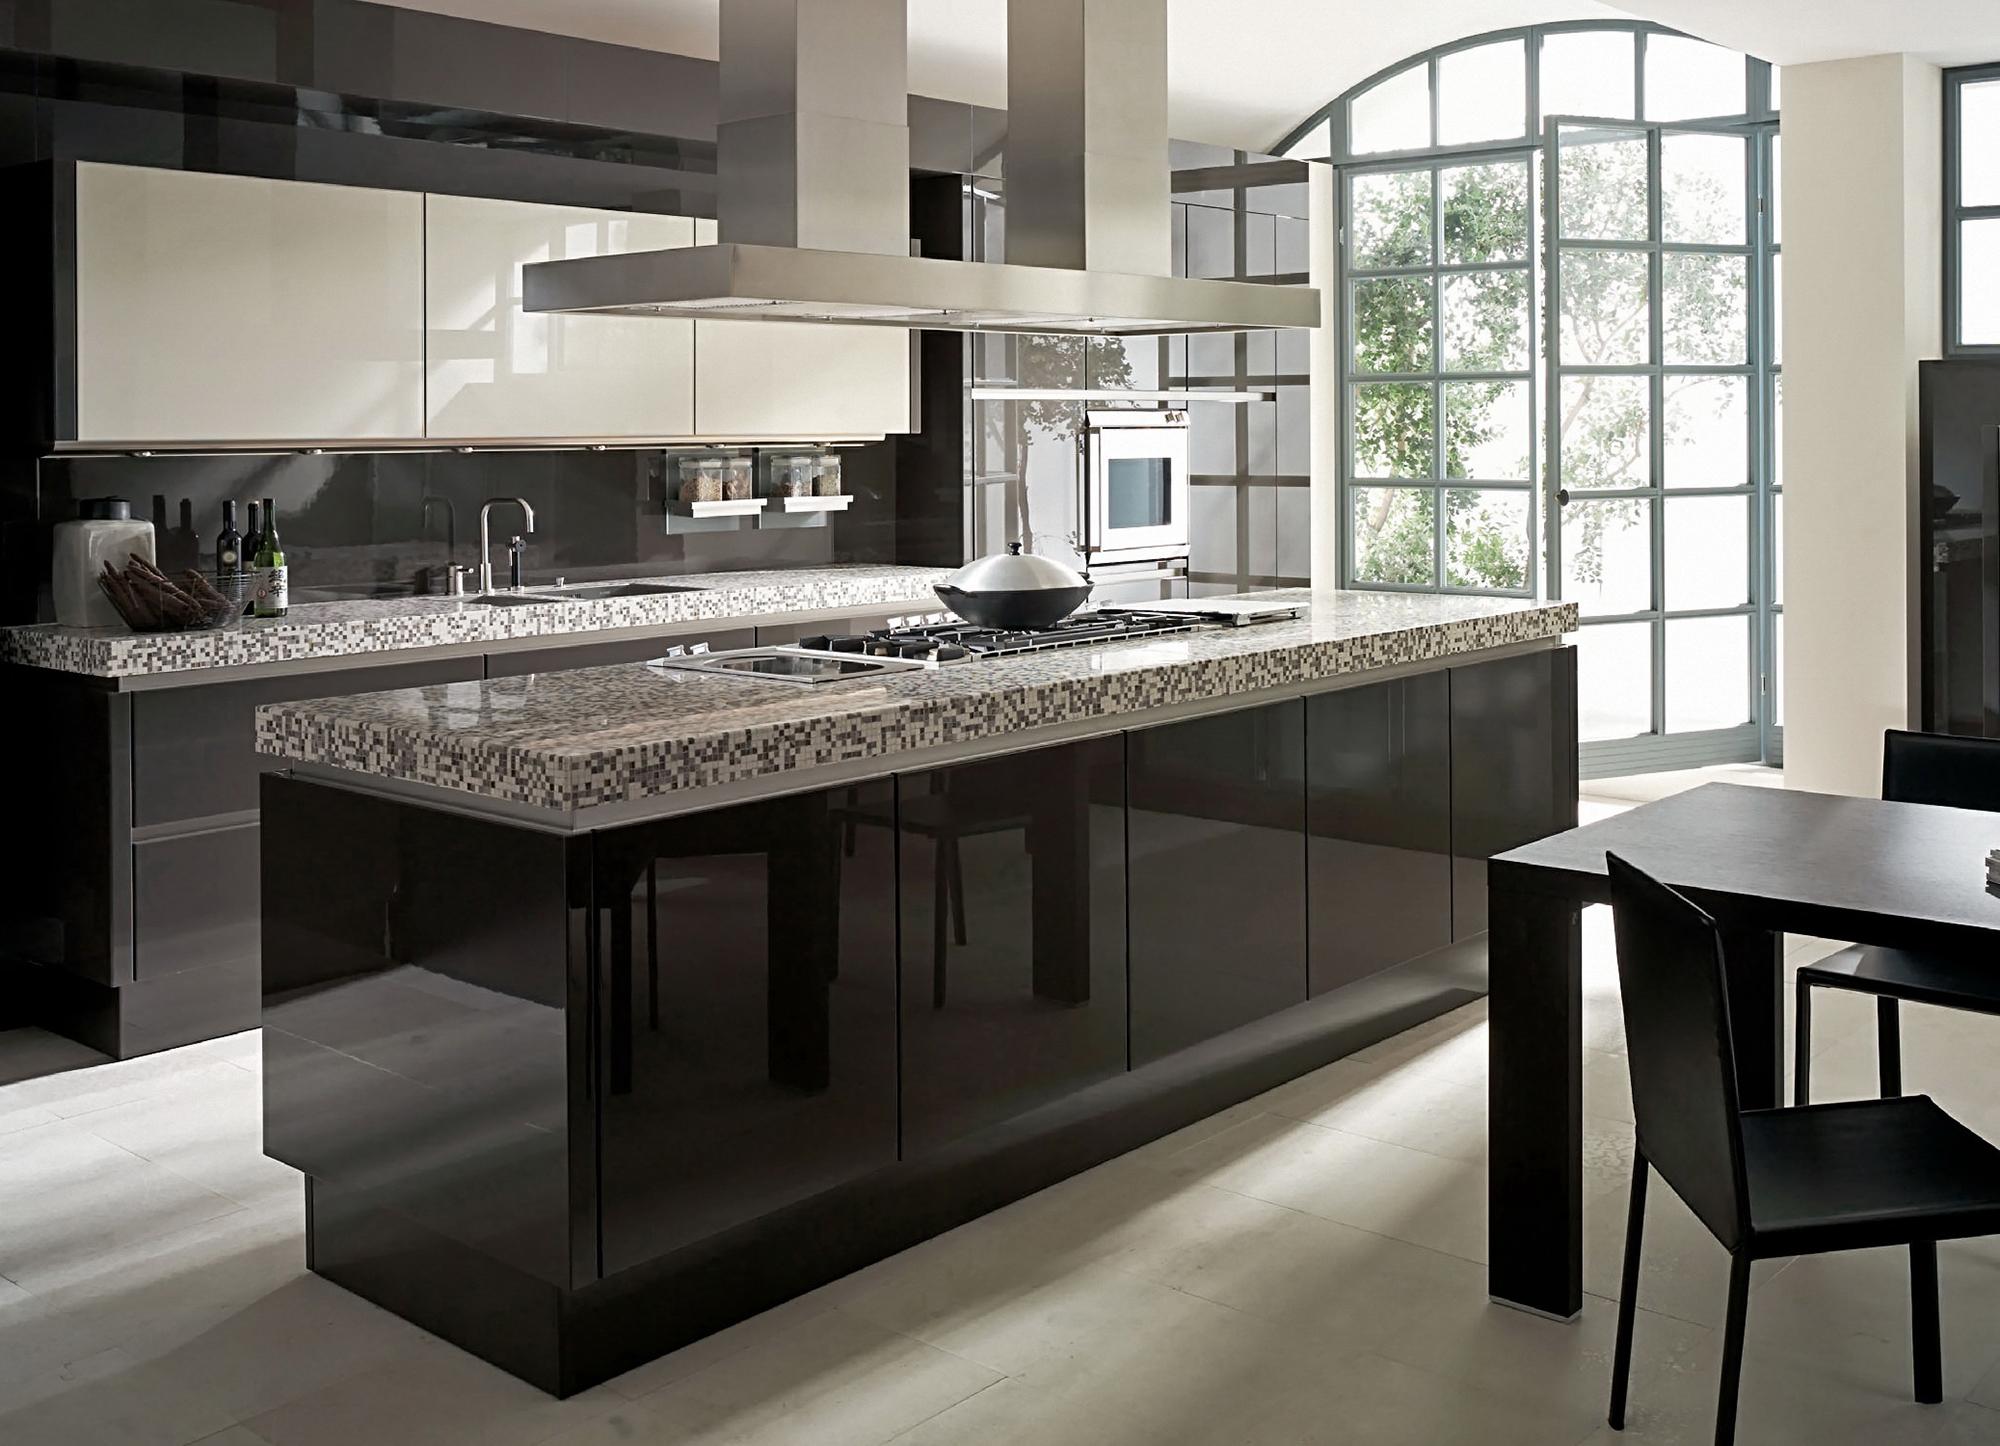 Доминирование черного цвета на кухне